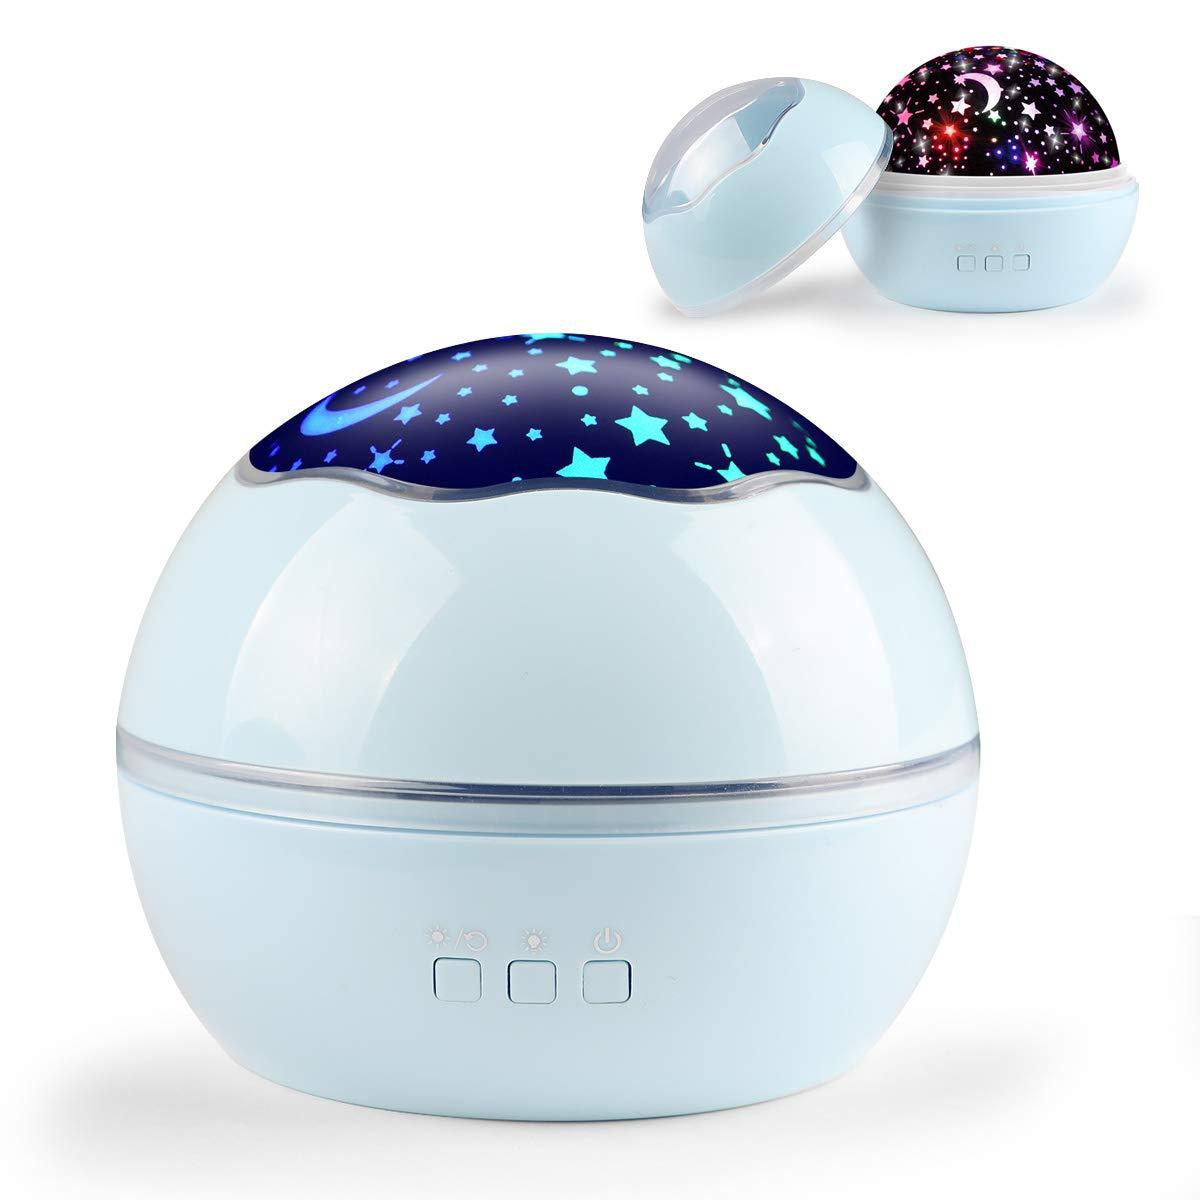 Star Light Night Proiettore Lampada, Sunvito 360° Che Girano Romantico Moon Sky Proiettore Stelle Bambini, Regali di Natale, Camera, Matrimonio, Compleanno, Vacanze